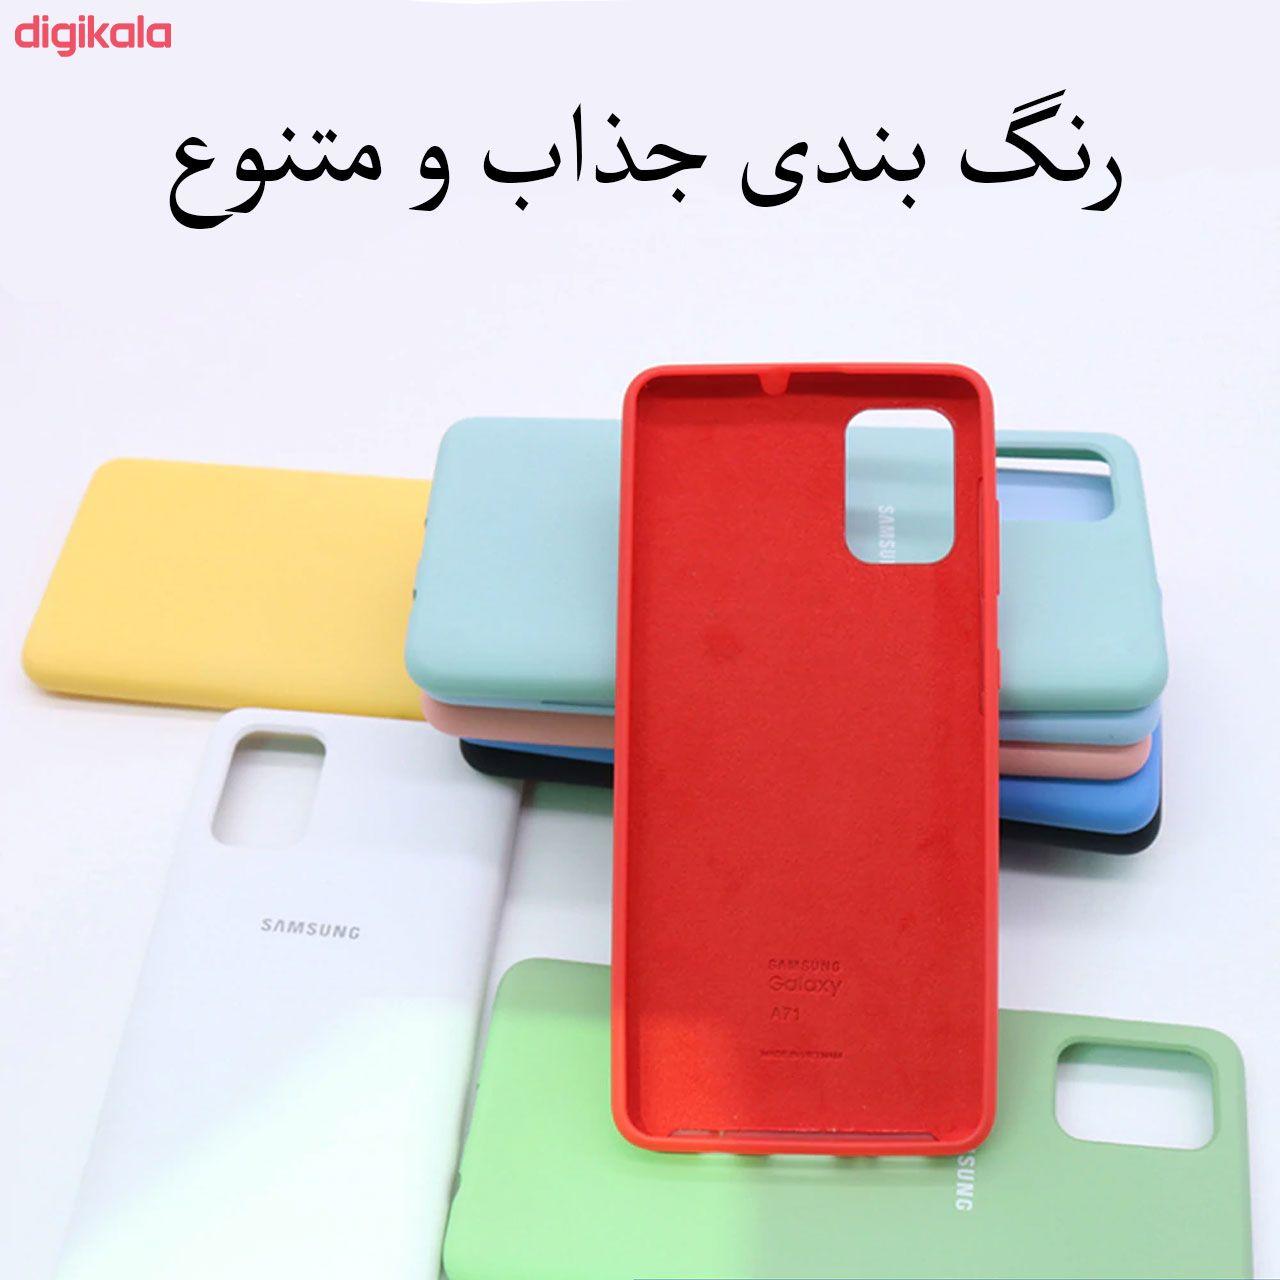 کاور مدل SLCN مناسب برای گوشی موبایل سامسونگ Galaxy A51 main 1 3